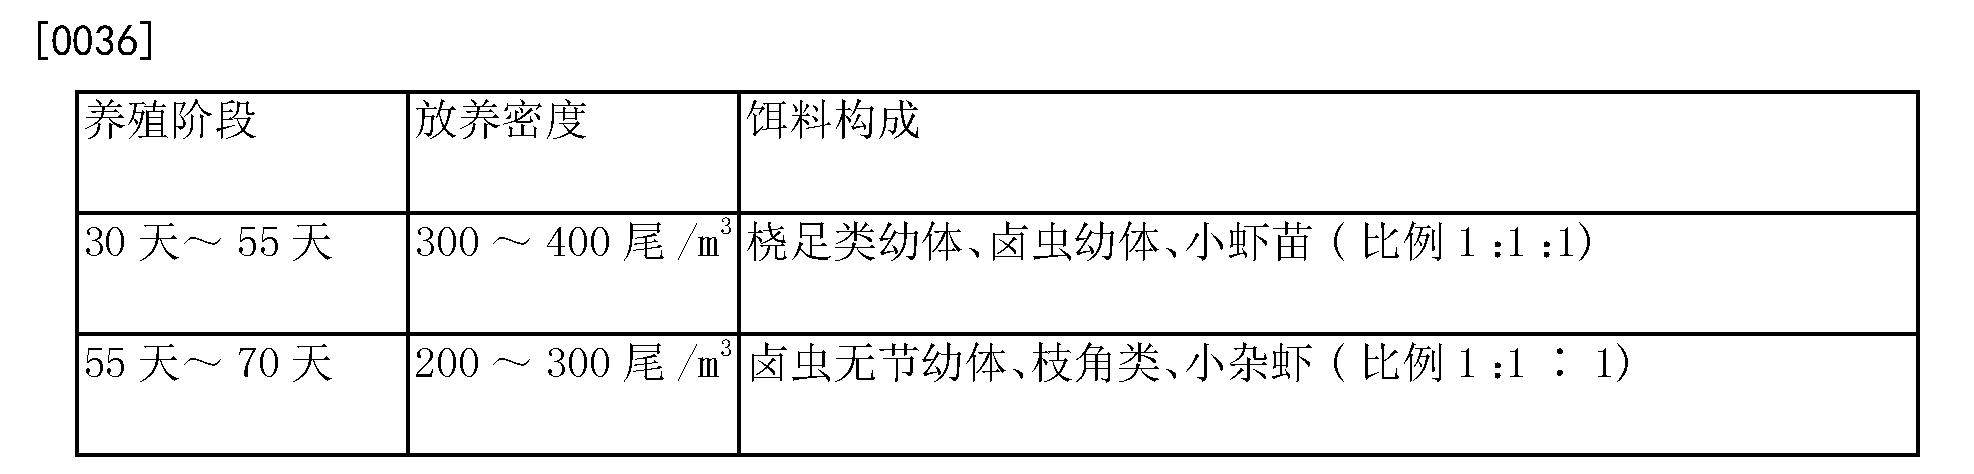 Figure CN103548722BD00062